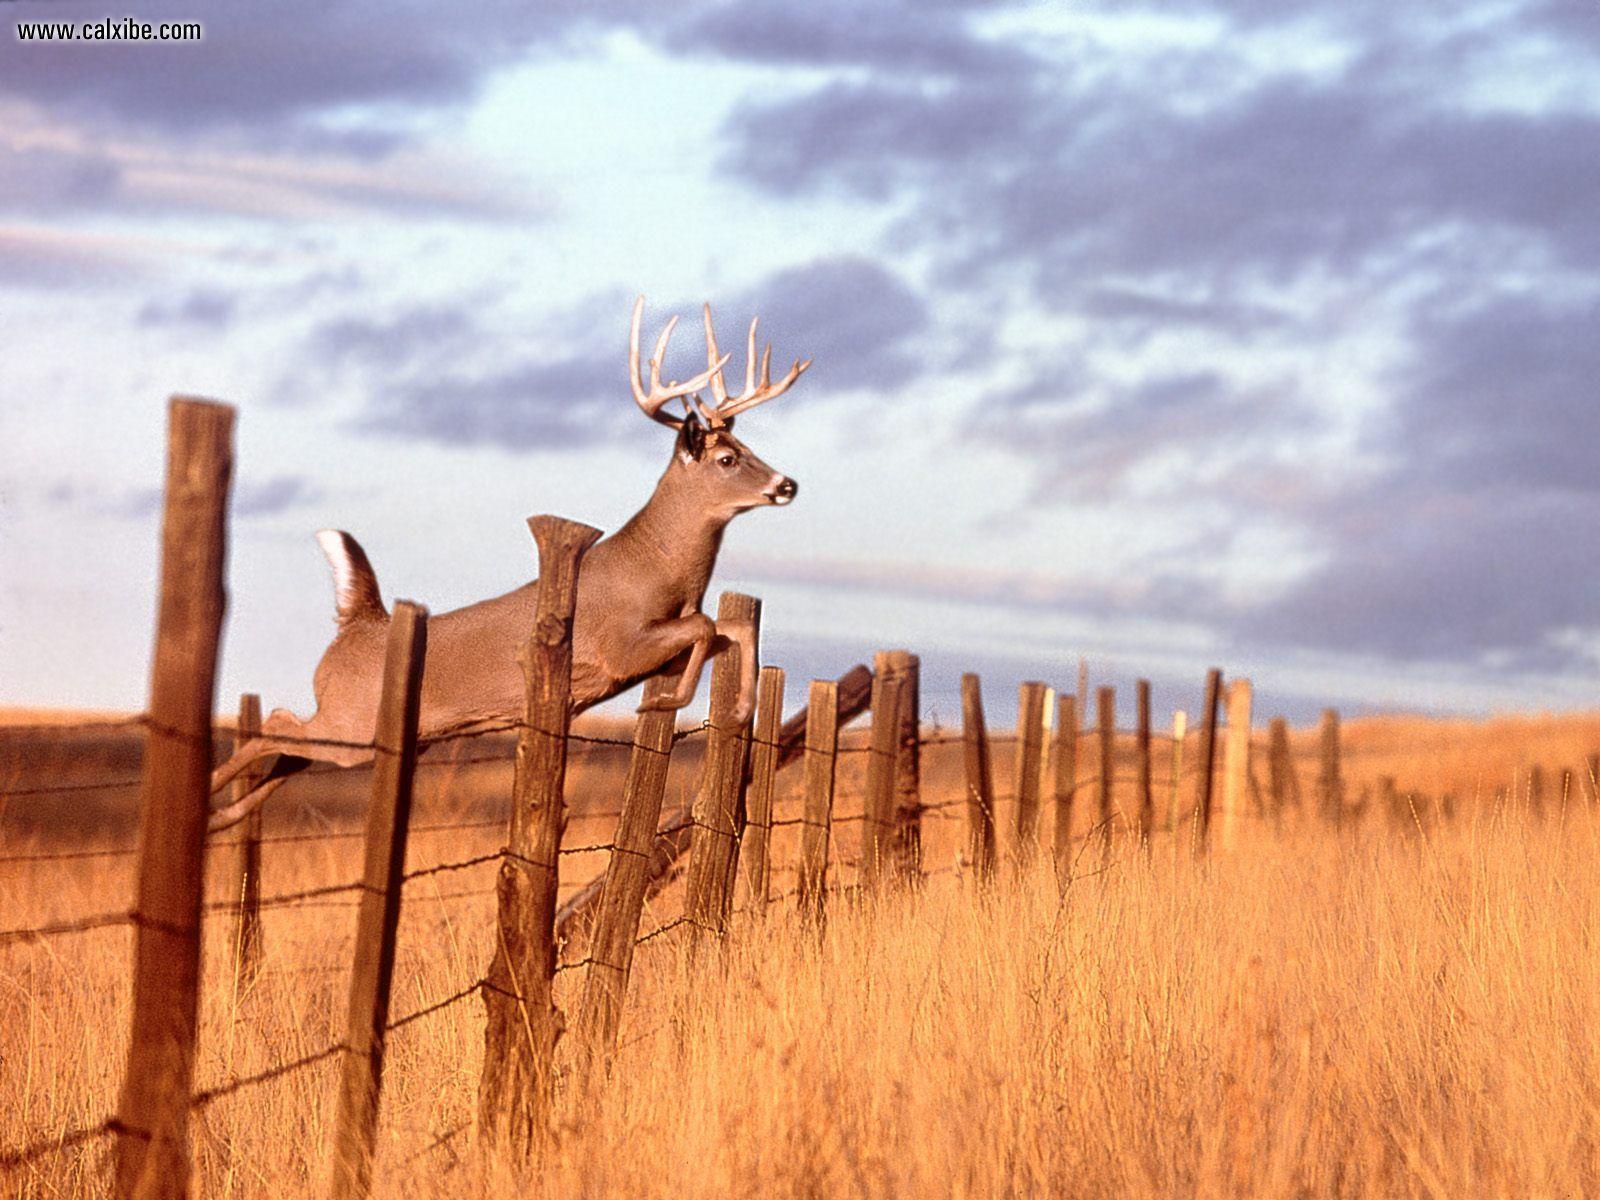 deer wallpapers deer wallpaper whitetail deer wallpaper deer hunting 1600x1200